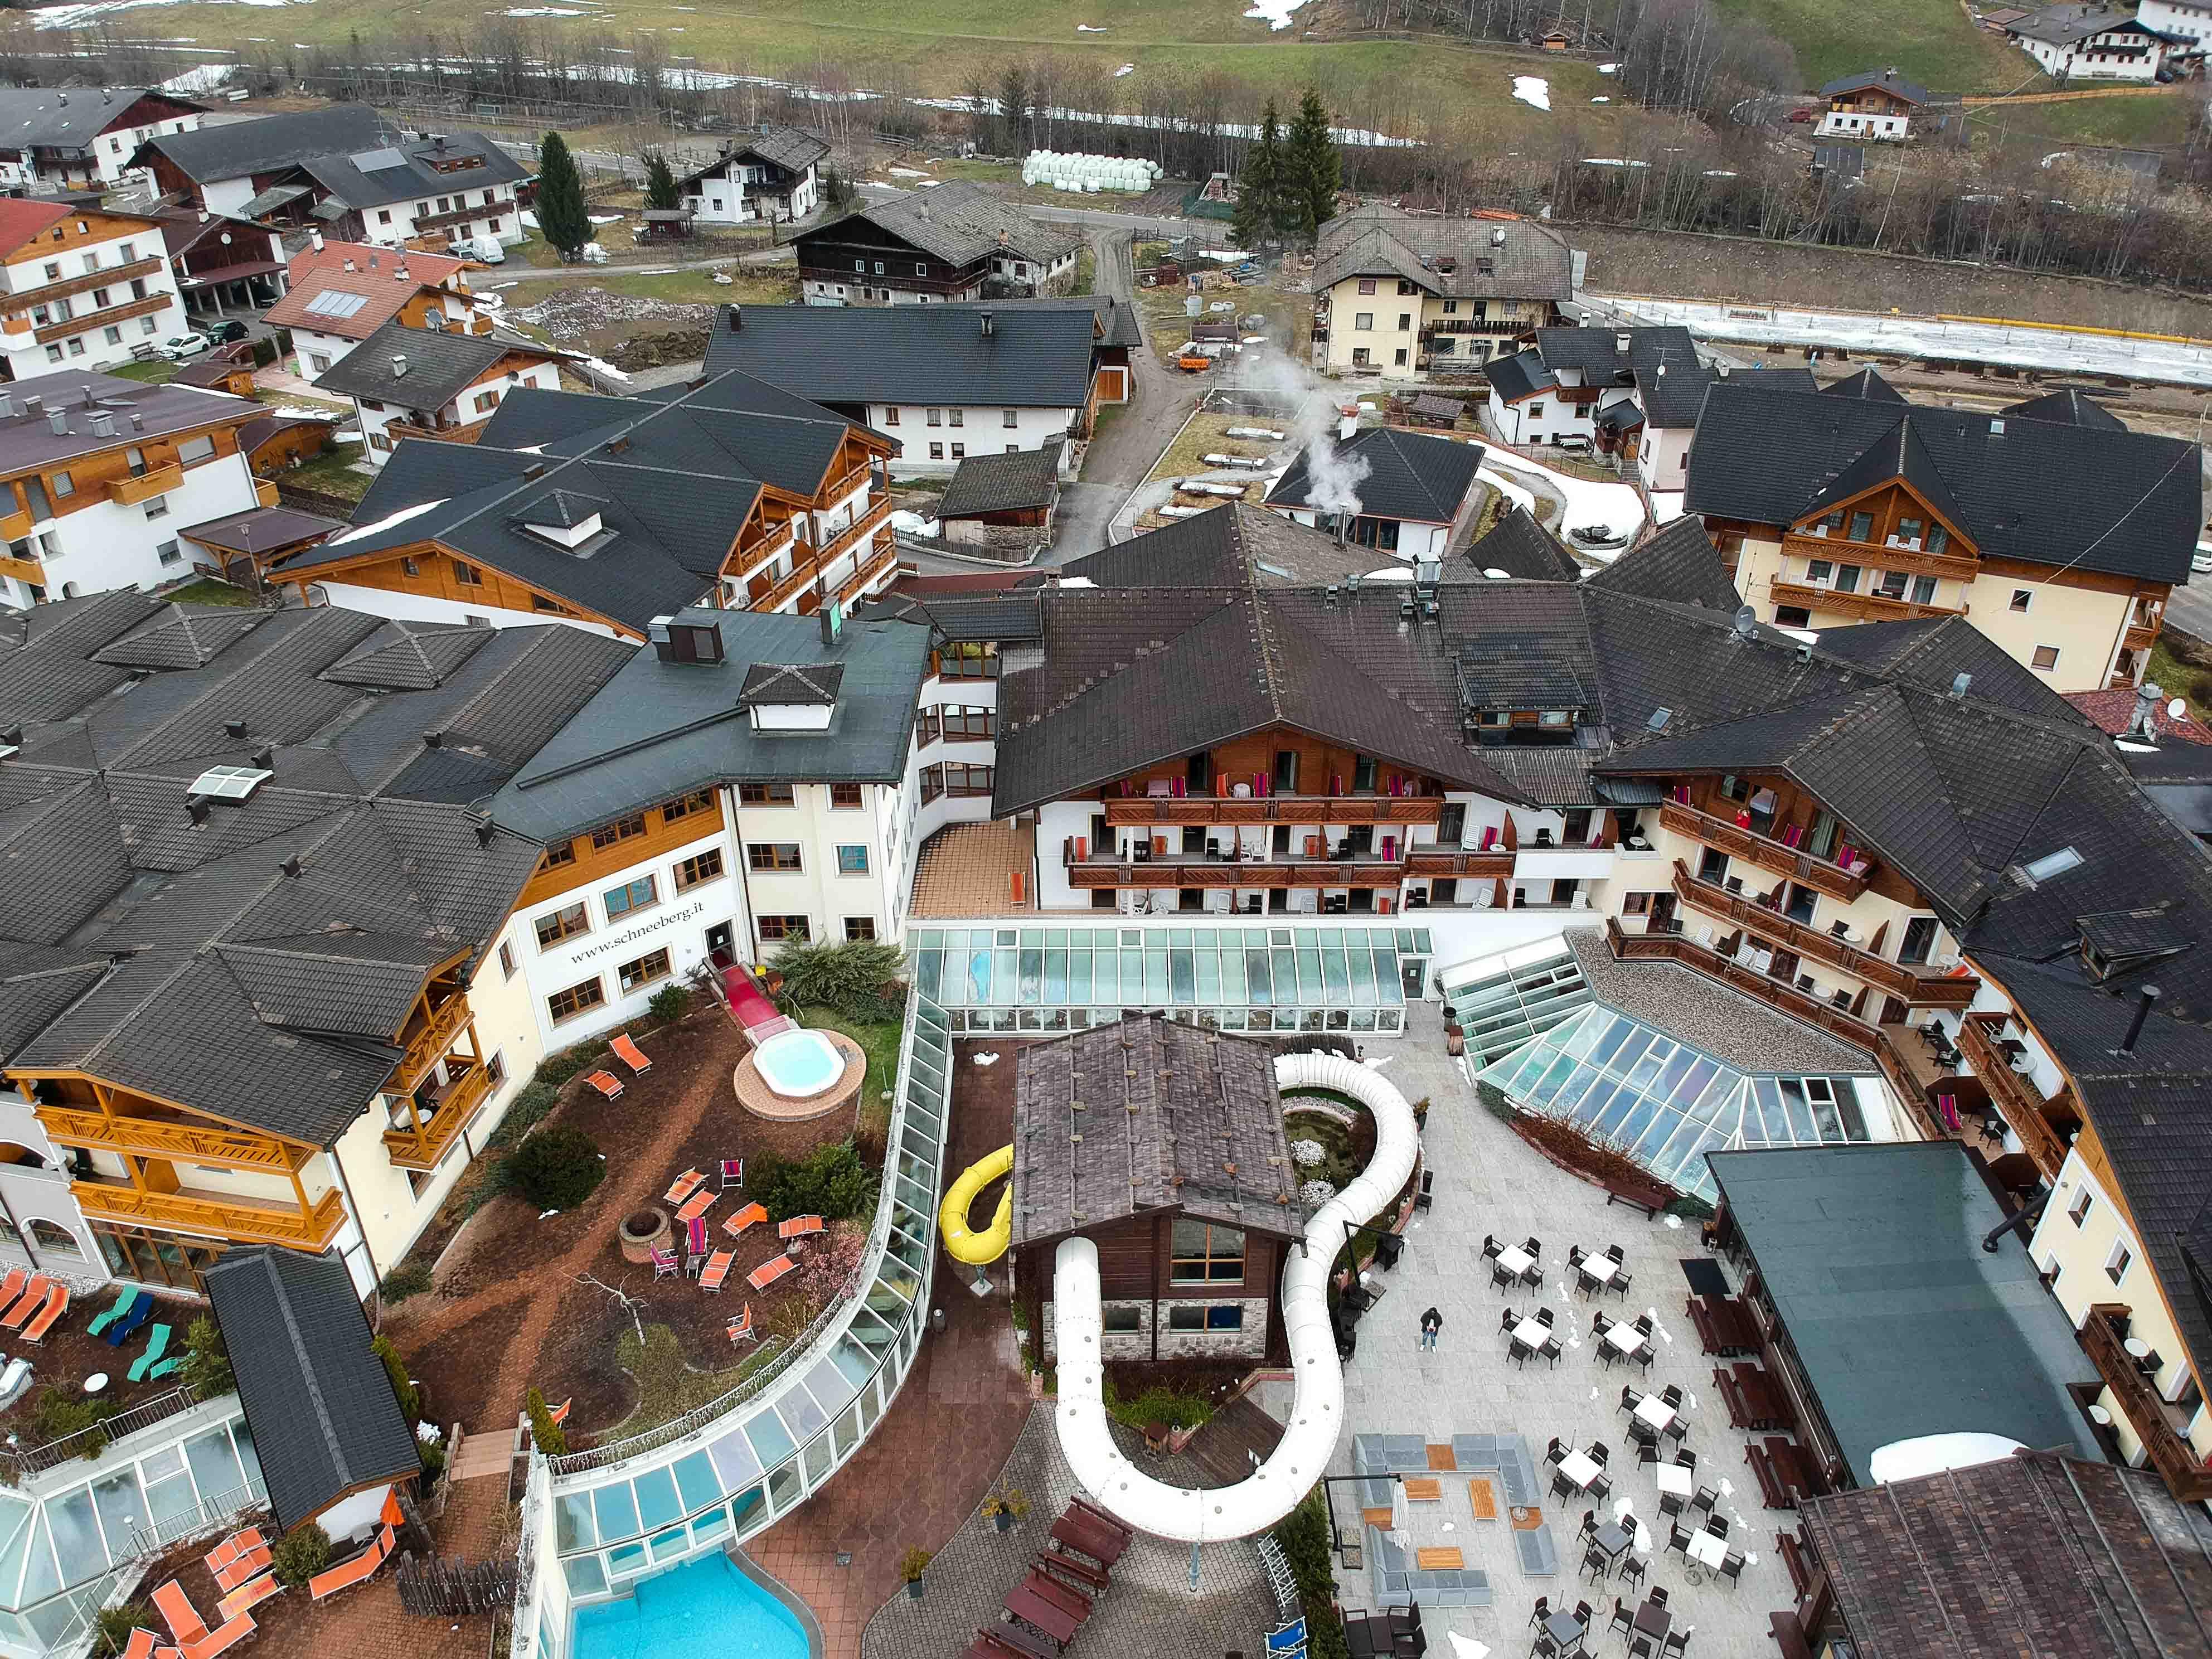 Südtirol-Hotel-Schneeberg-Italien-Wellnesshotel-Reiseblog-Wellnessurlaub-Kurzurlaub-Hotelempfehlung-Skiurlaub-Winterurlaub